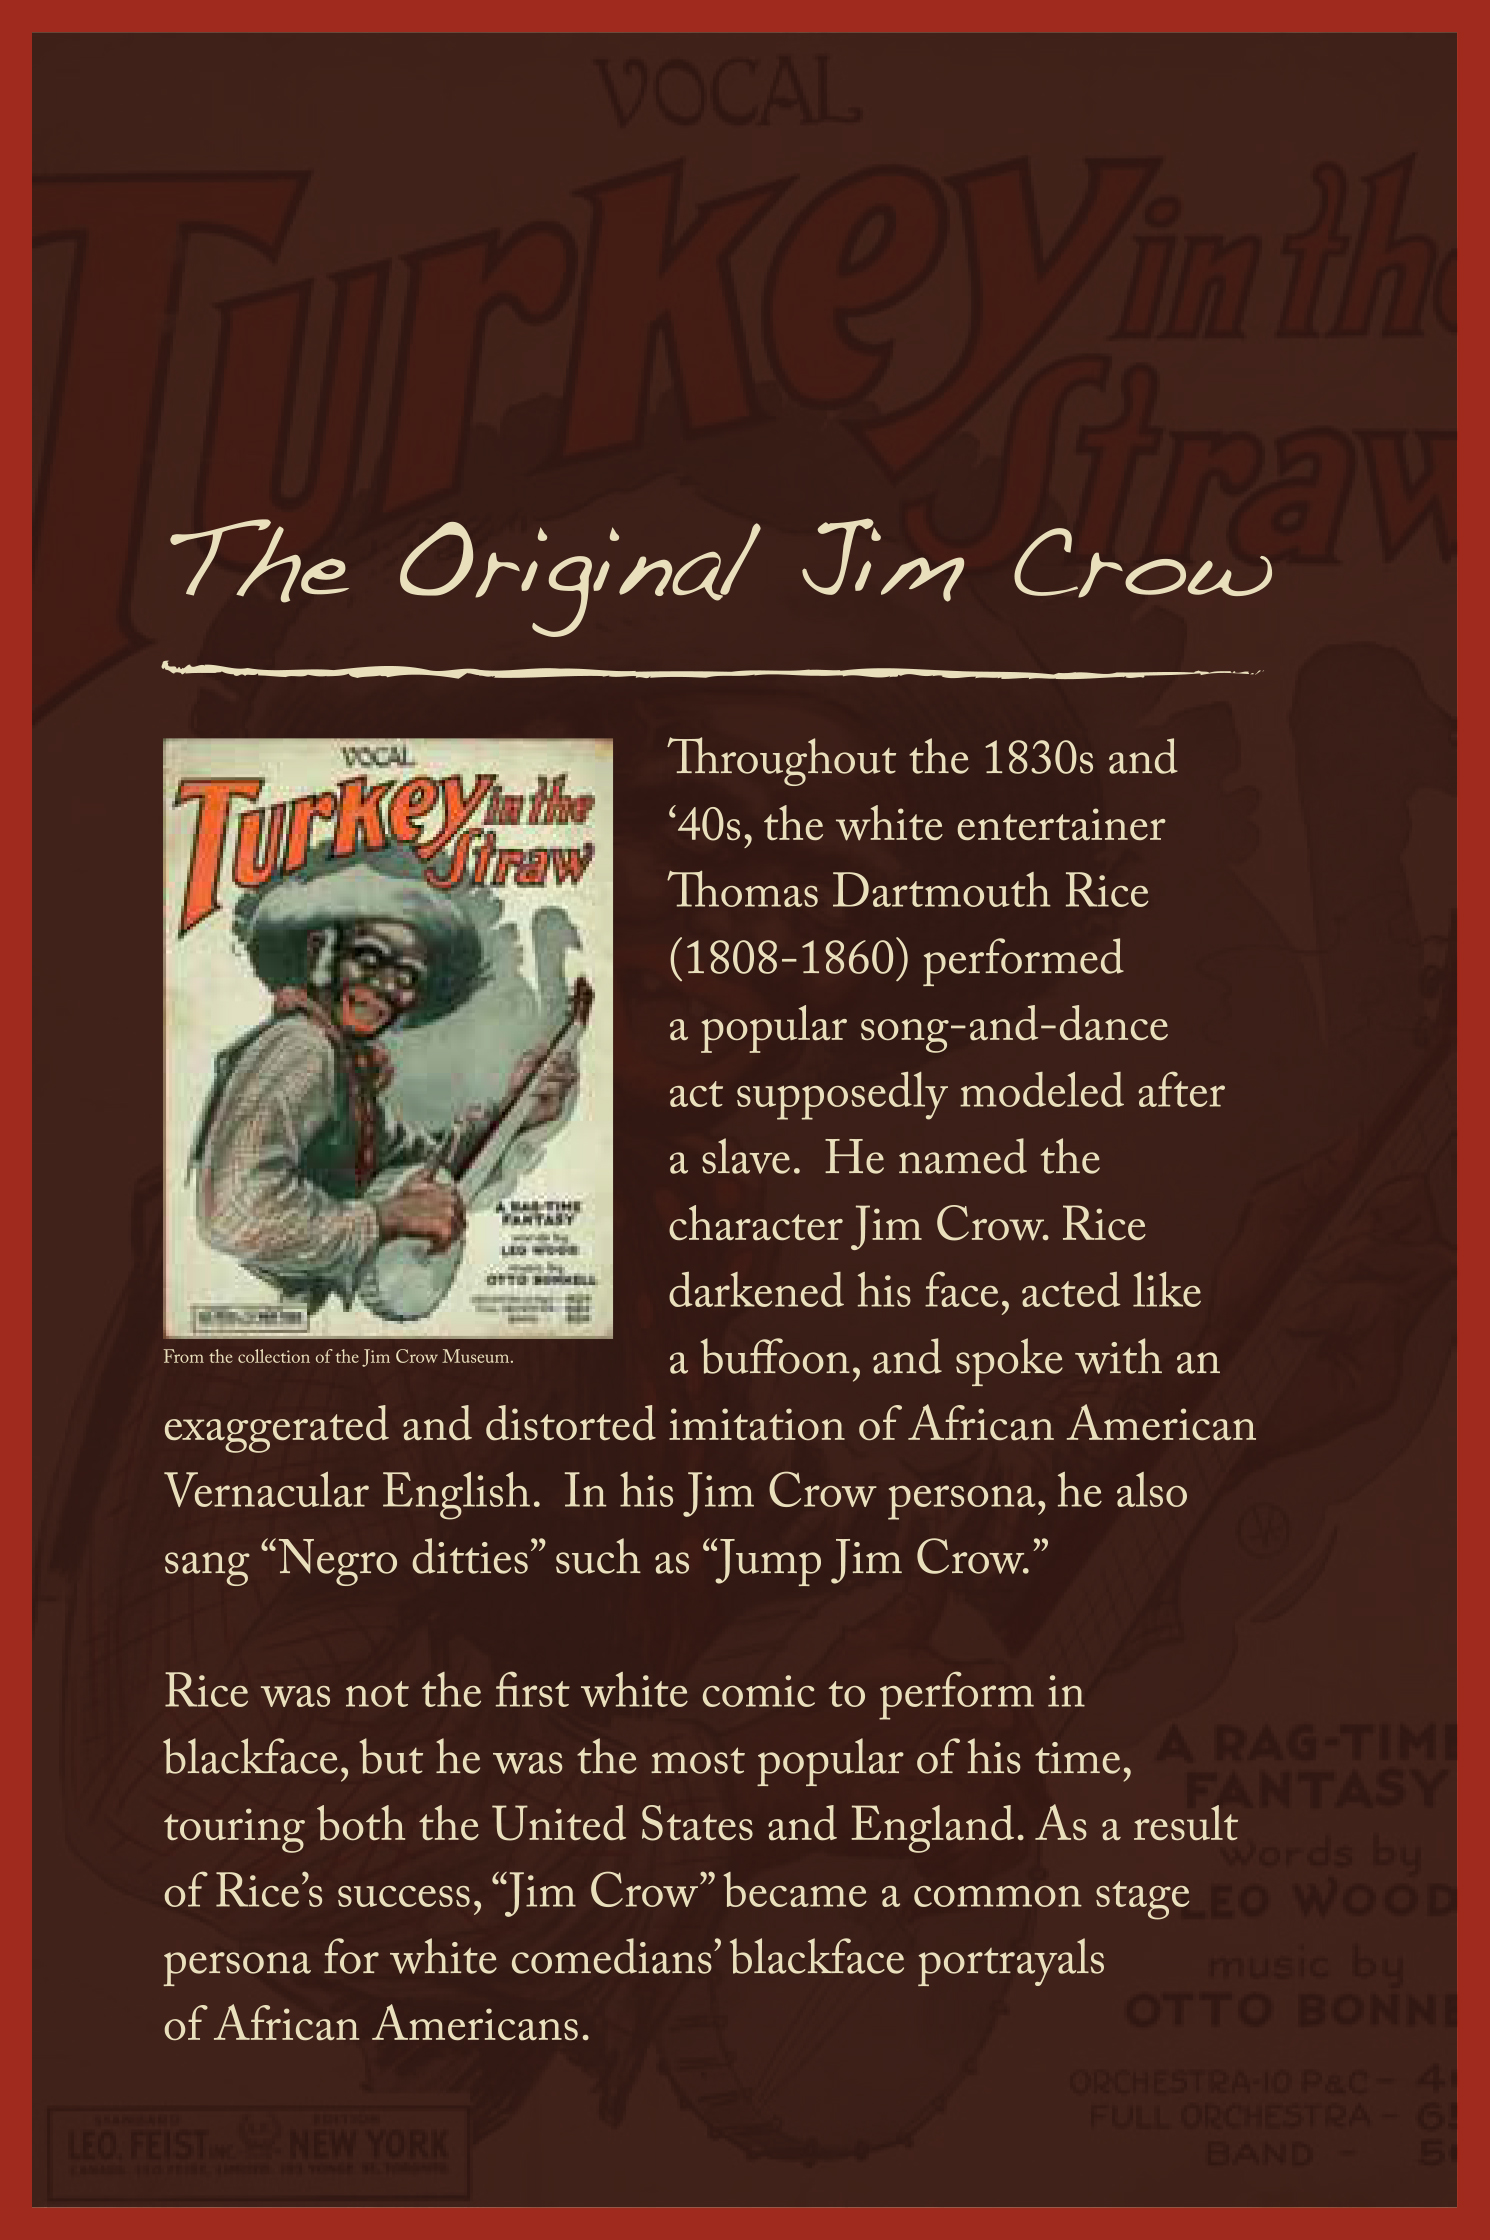 The Original Jim Crow.jpg